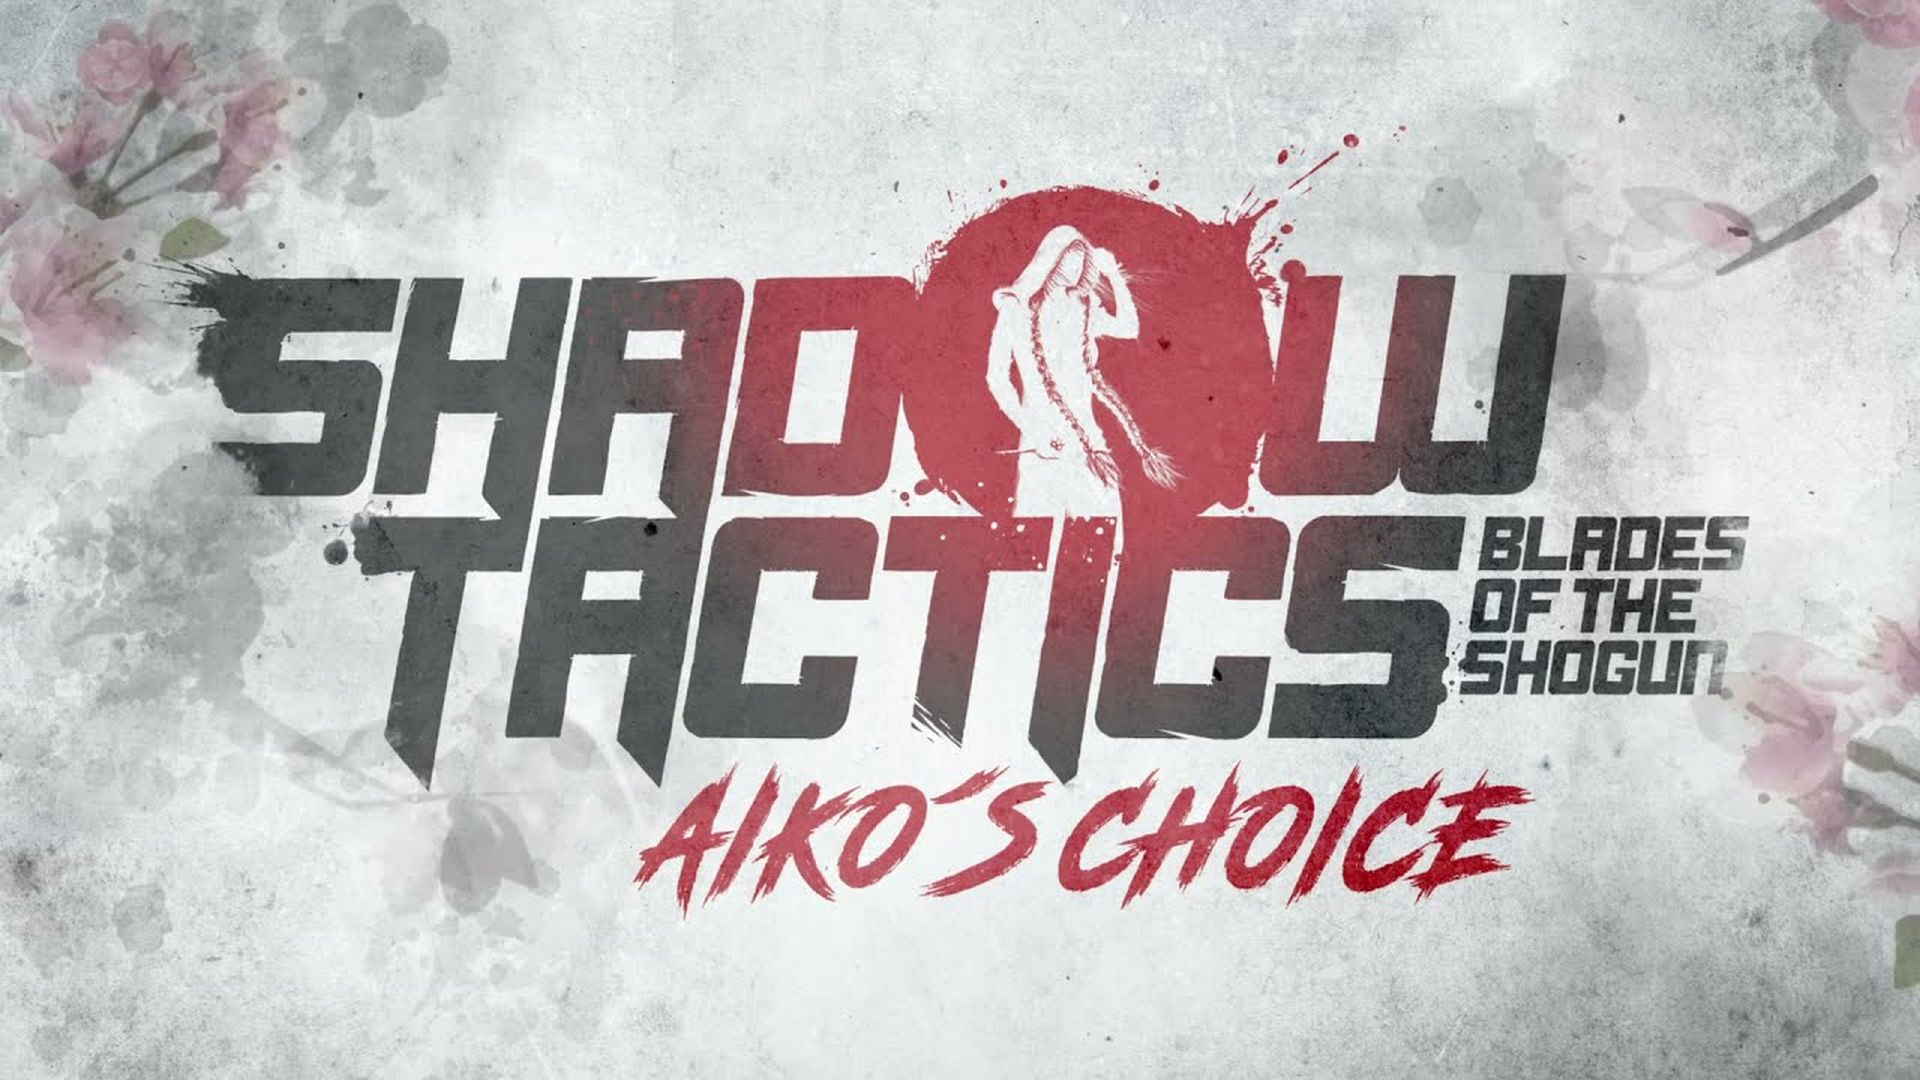 Shadow Tactics - Blades of the Shogun - Aiko's Choice